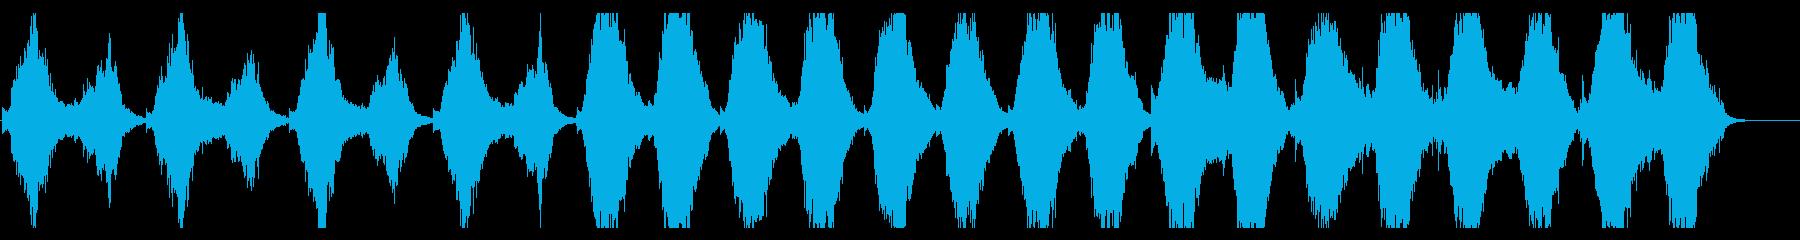 映画レヴェナントのテーマを思わせる楽曲の再生済みの波形